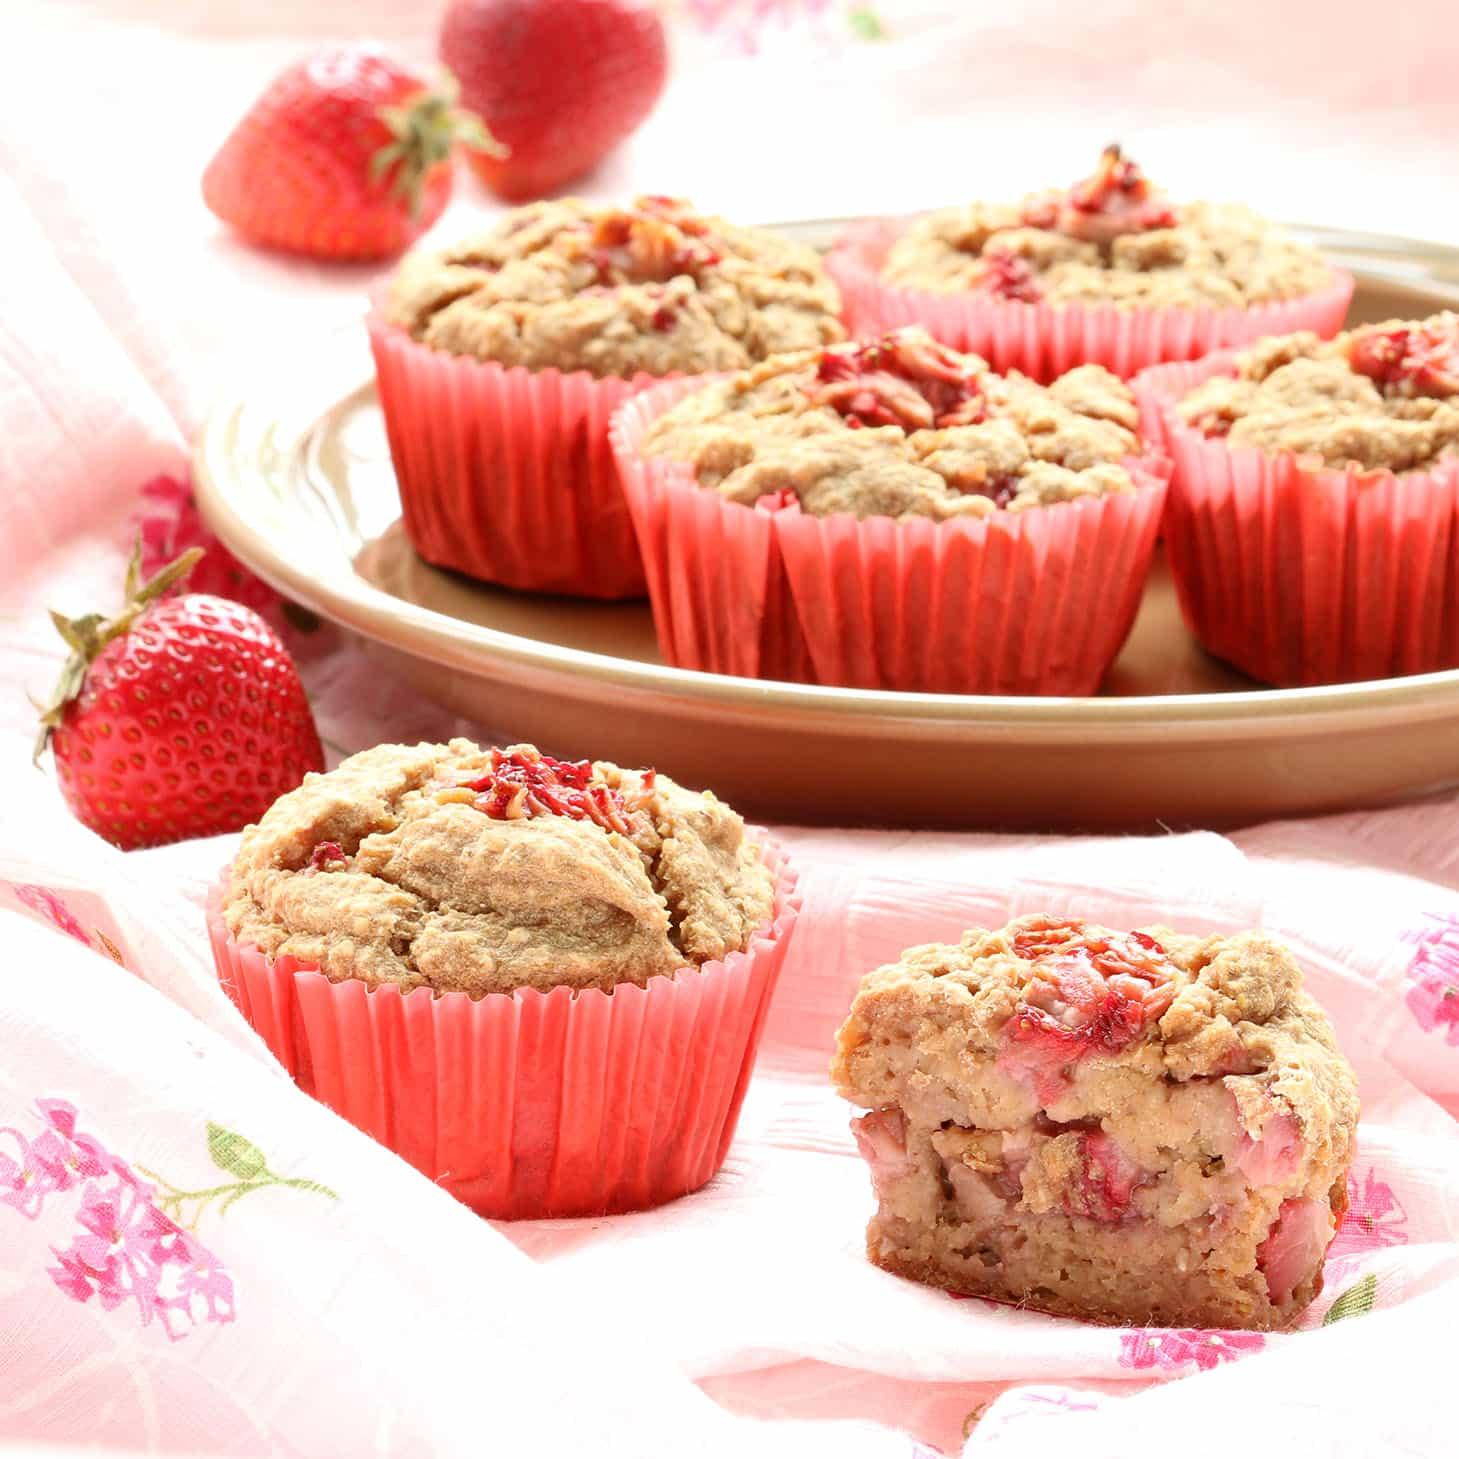 Easy Strawberry Blender Muffins (Gluten-Free)